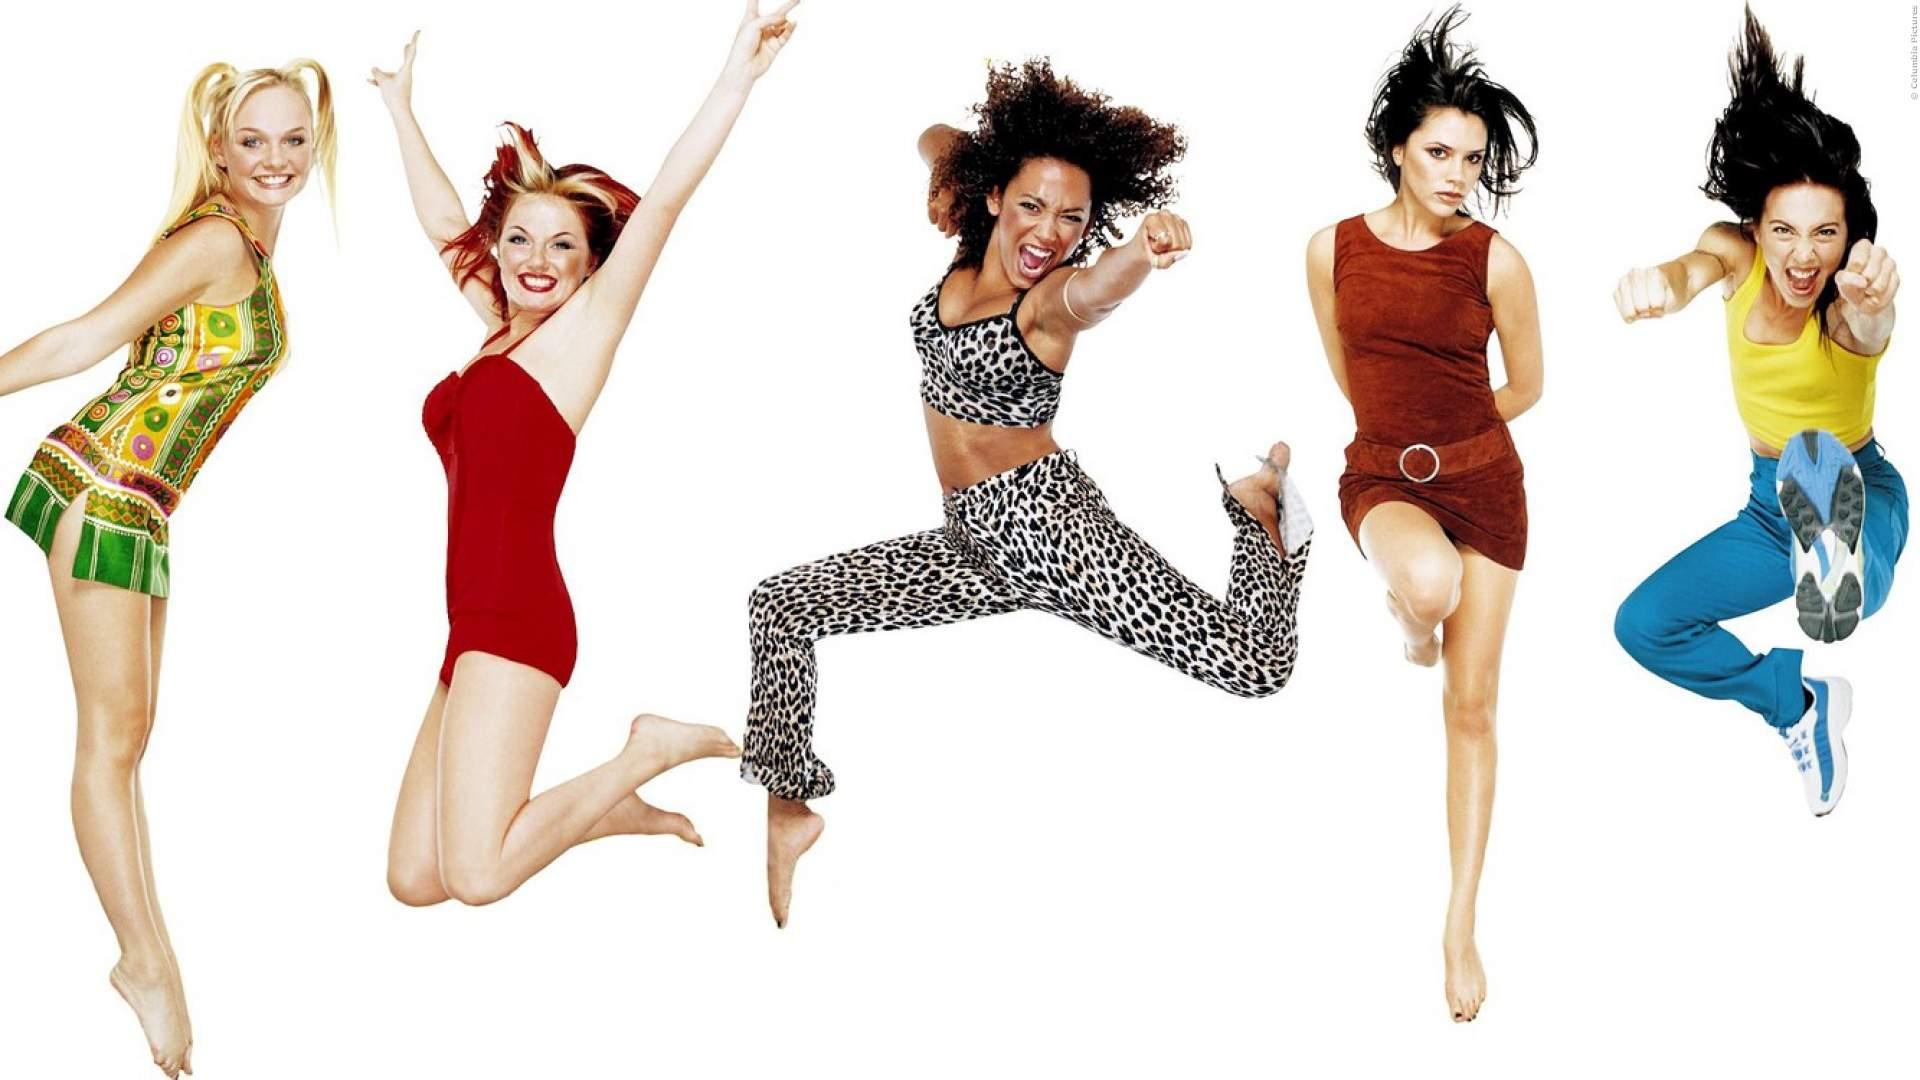 ÜBERRASCHUNG: 'Spice Girls' machen neuen Kinofilm - Das erwartet uns